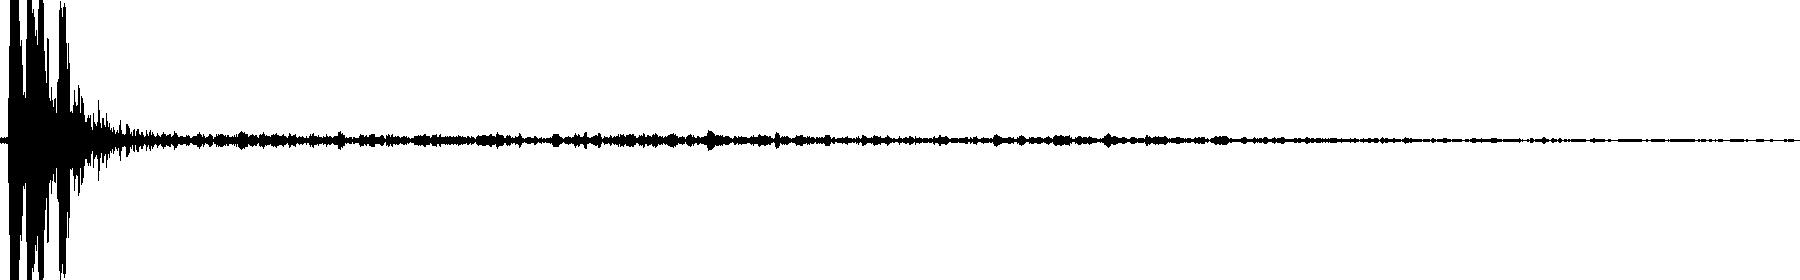 big wjite clap  snare 19 24b 20